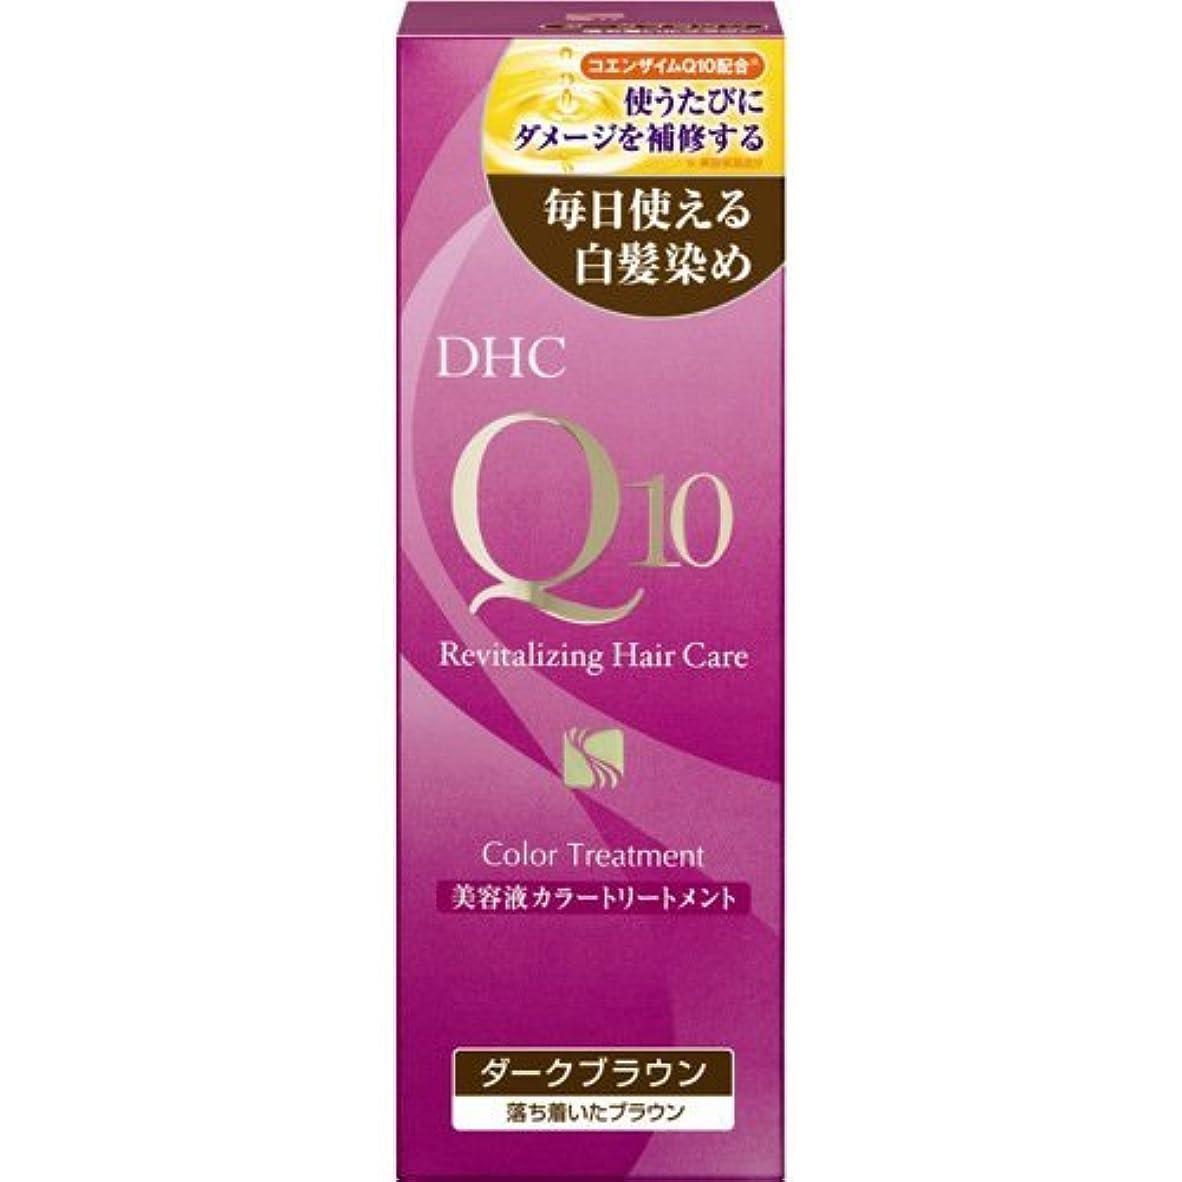 優れた楽観的トロピカル【まとめ買い】DHC Q10美溶液カラートリートメントDブラウンSS170g ×4個